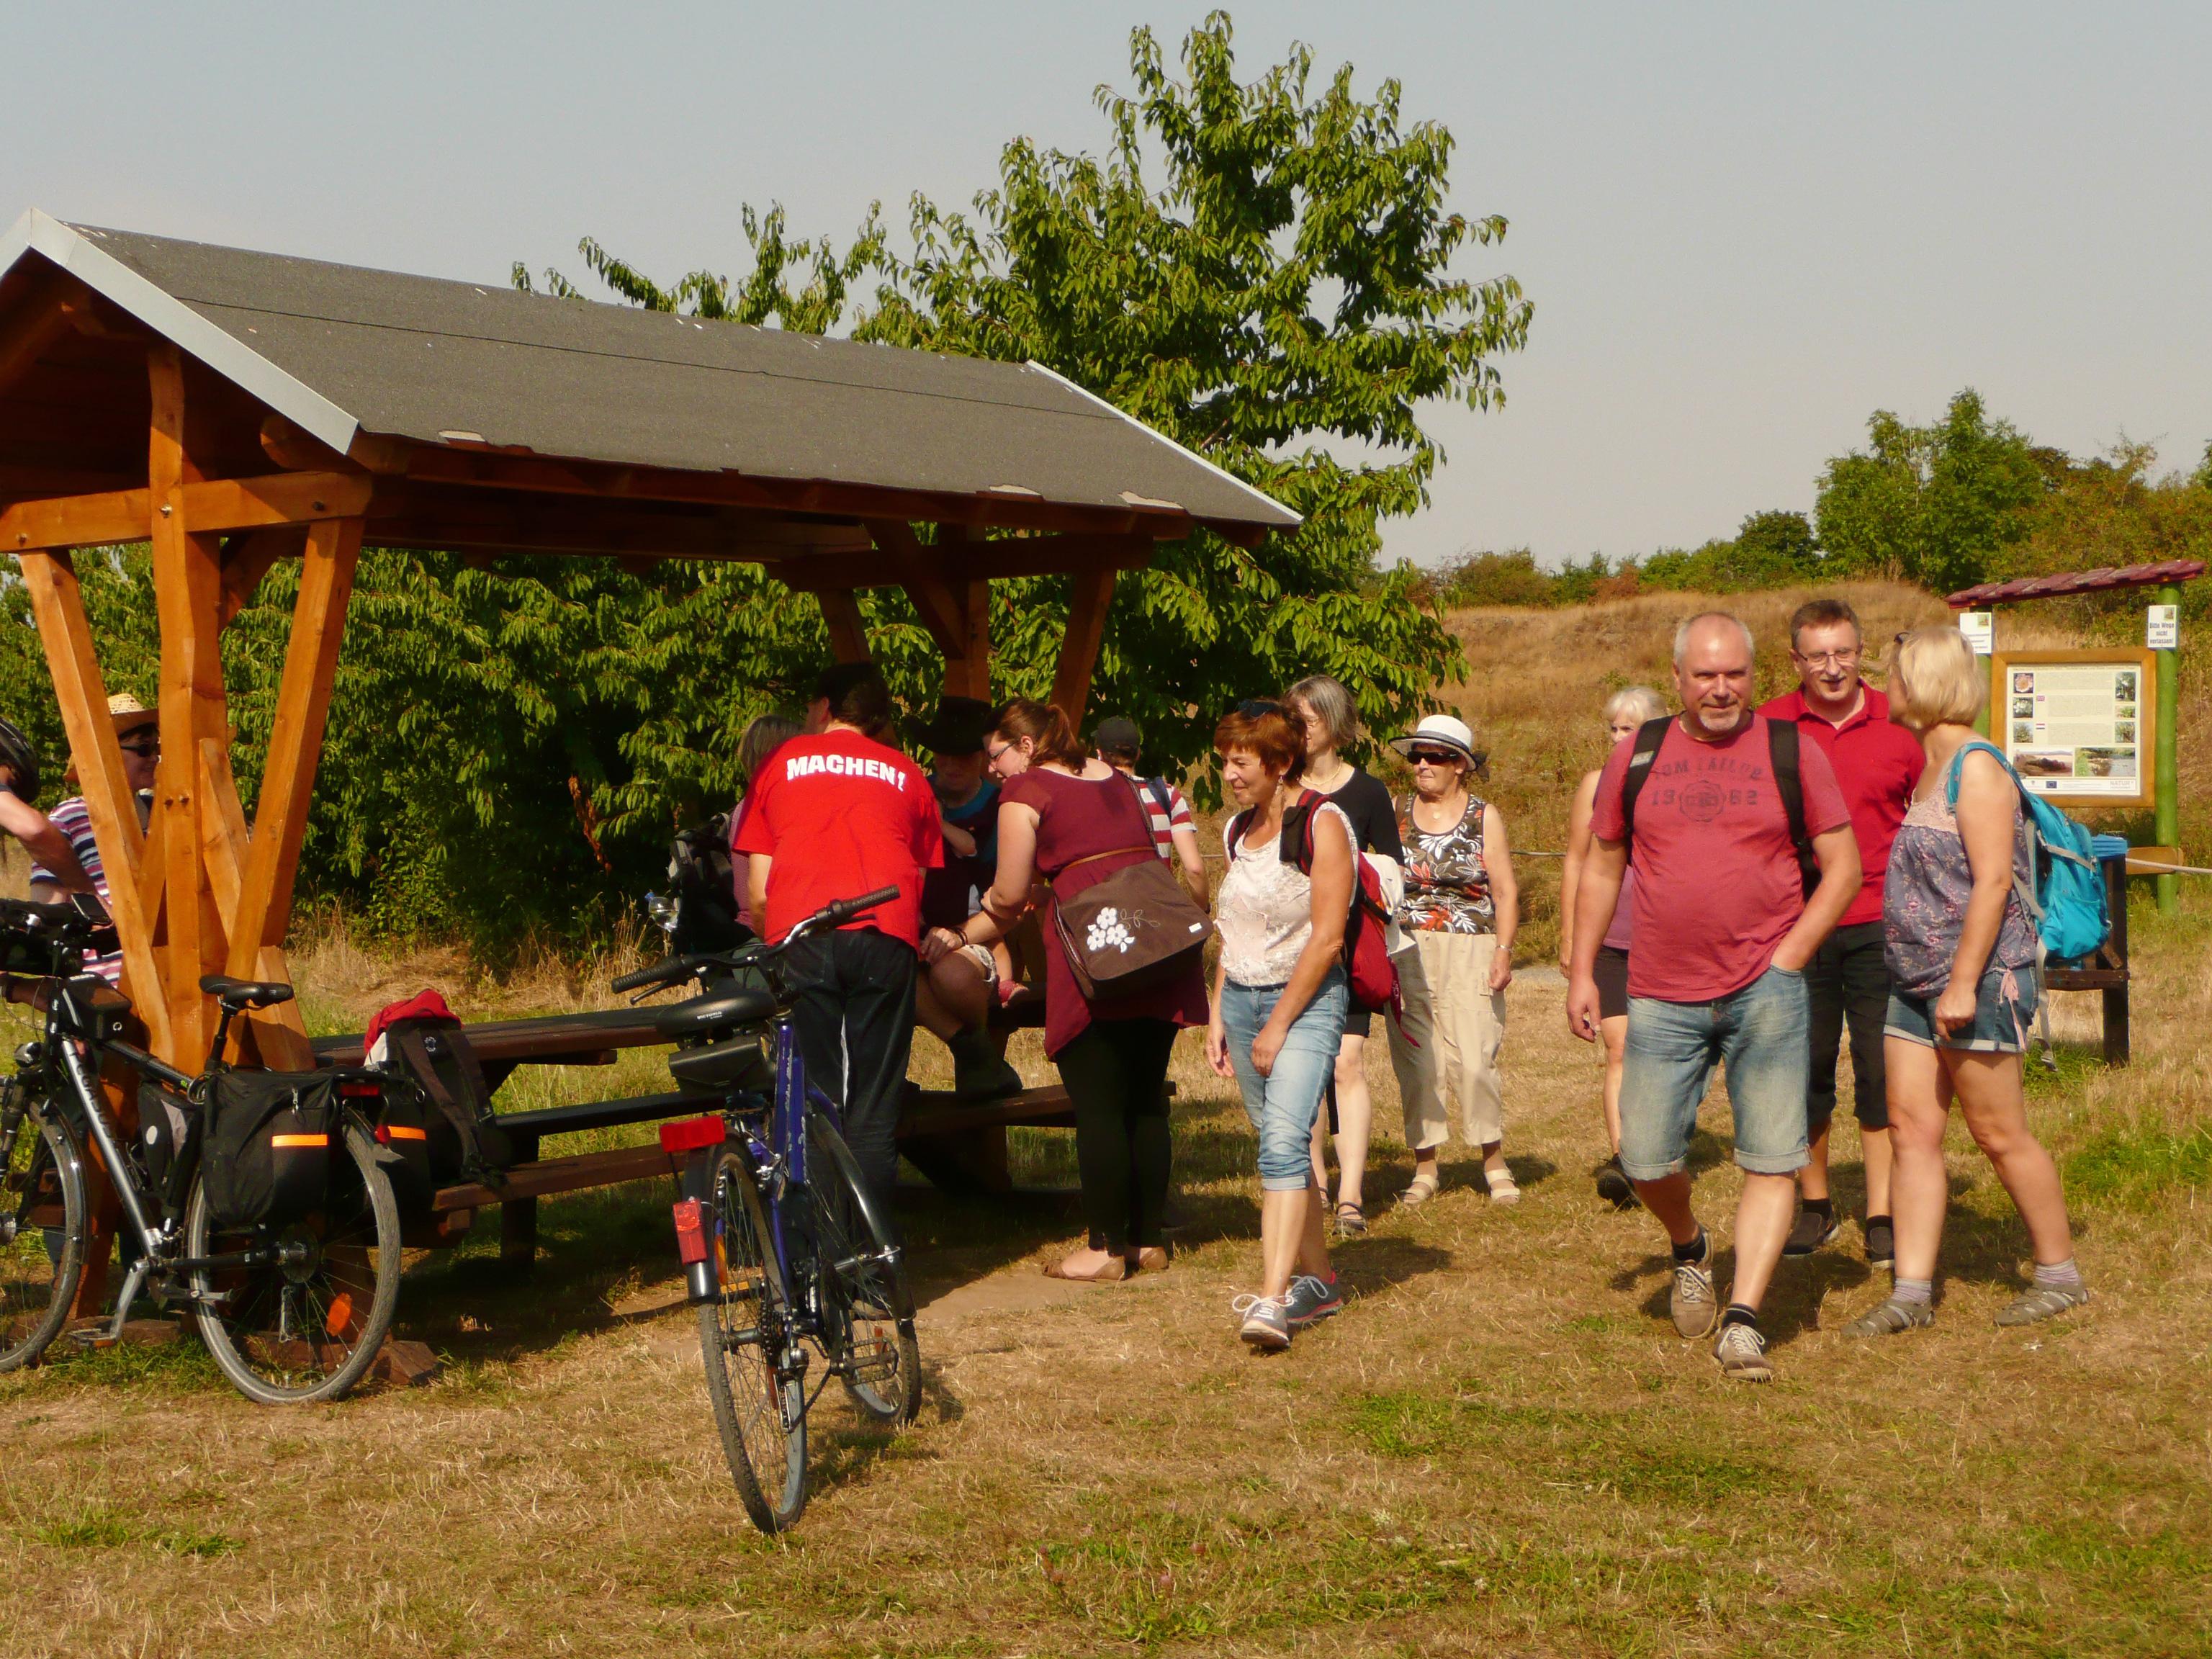 Wochenend-Tour der Gemeindeleitung nach Neinstedt/Quedlinburg